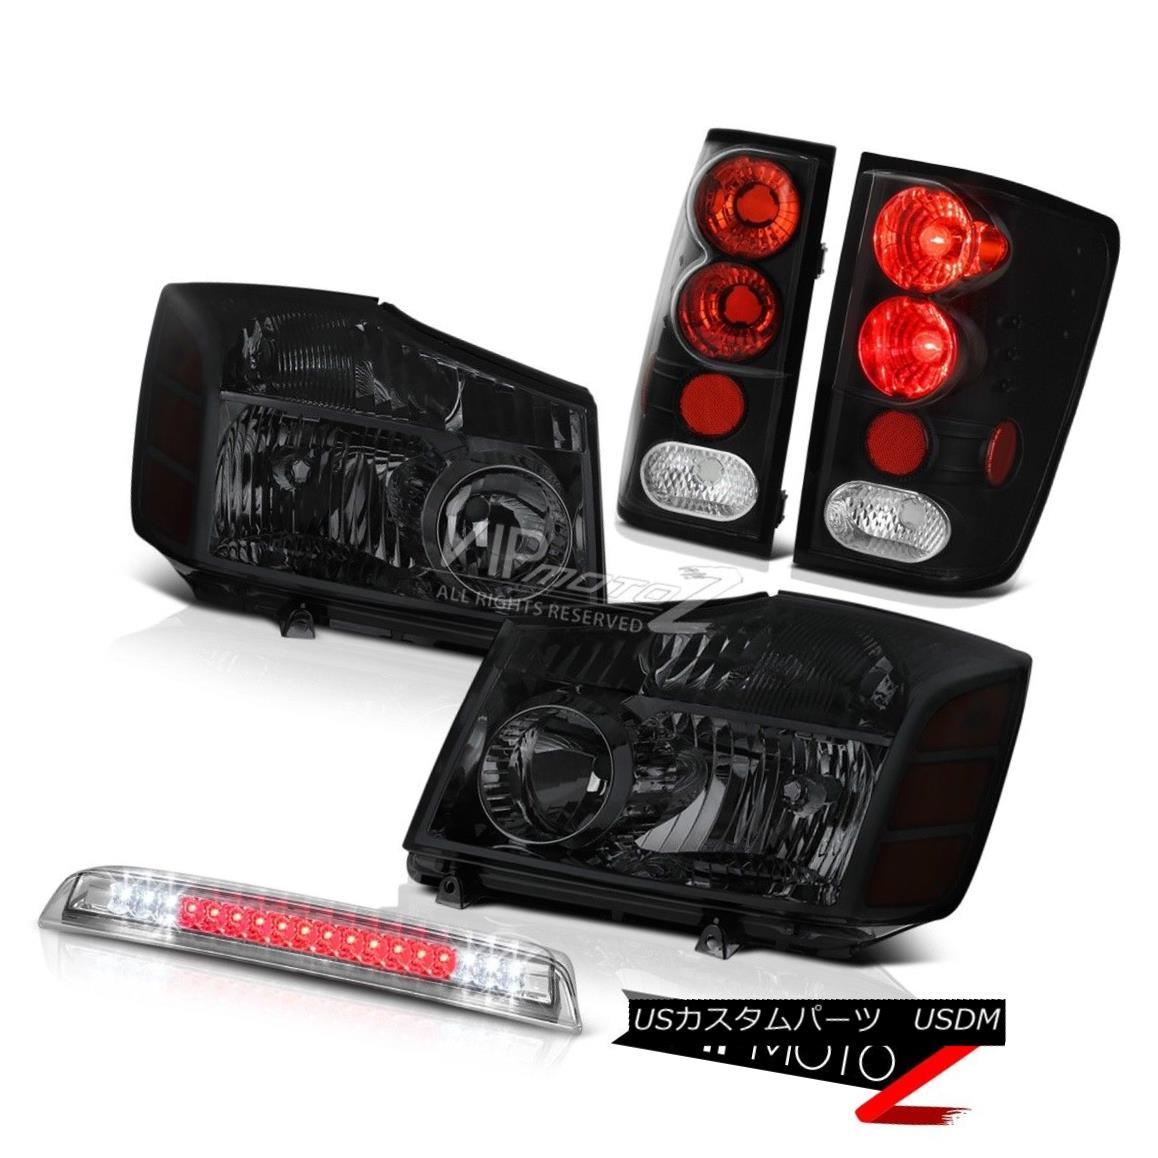 テールライト Tinted Headlight Black Tail Lamps High Stop Bright LED For 2004-2015 Titan SV タイトなヘッドライトブラックテールランプハイストップブライトLED for 2004-2015 Titan SV